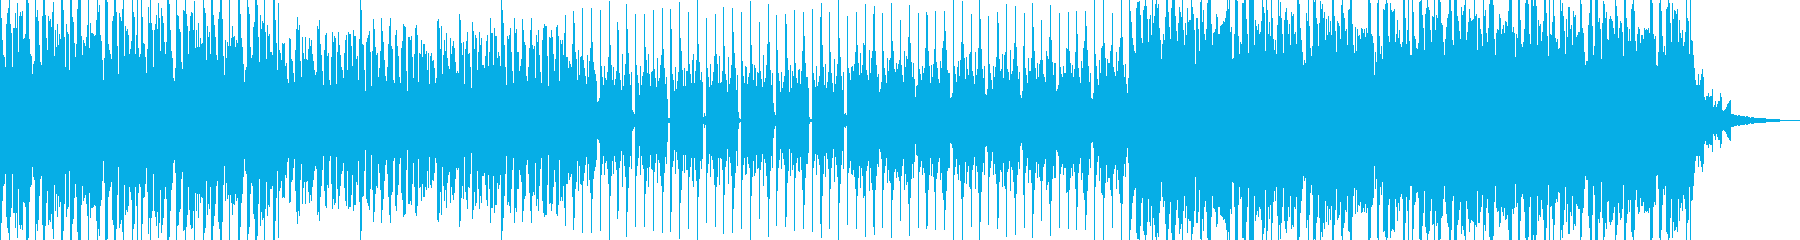 【ジングル】おしゃれな映像になる曲の再生済みの波形